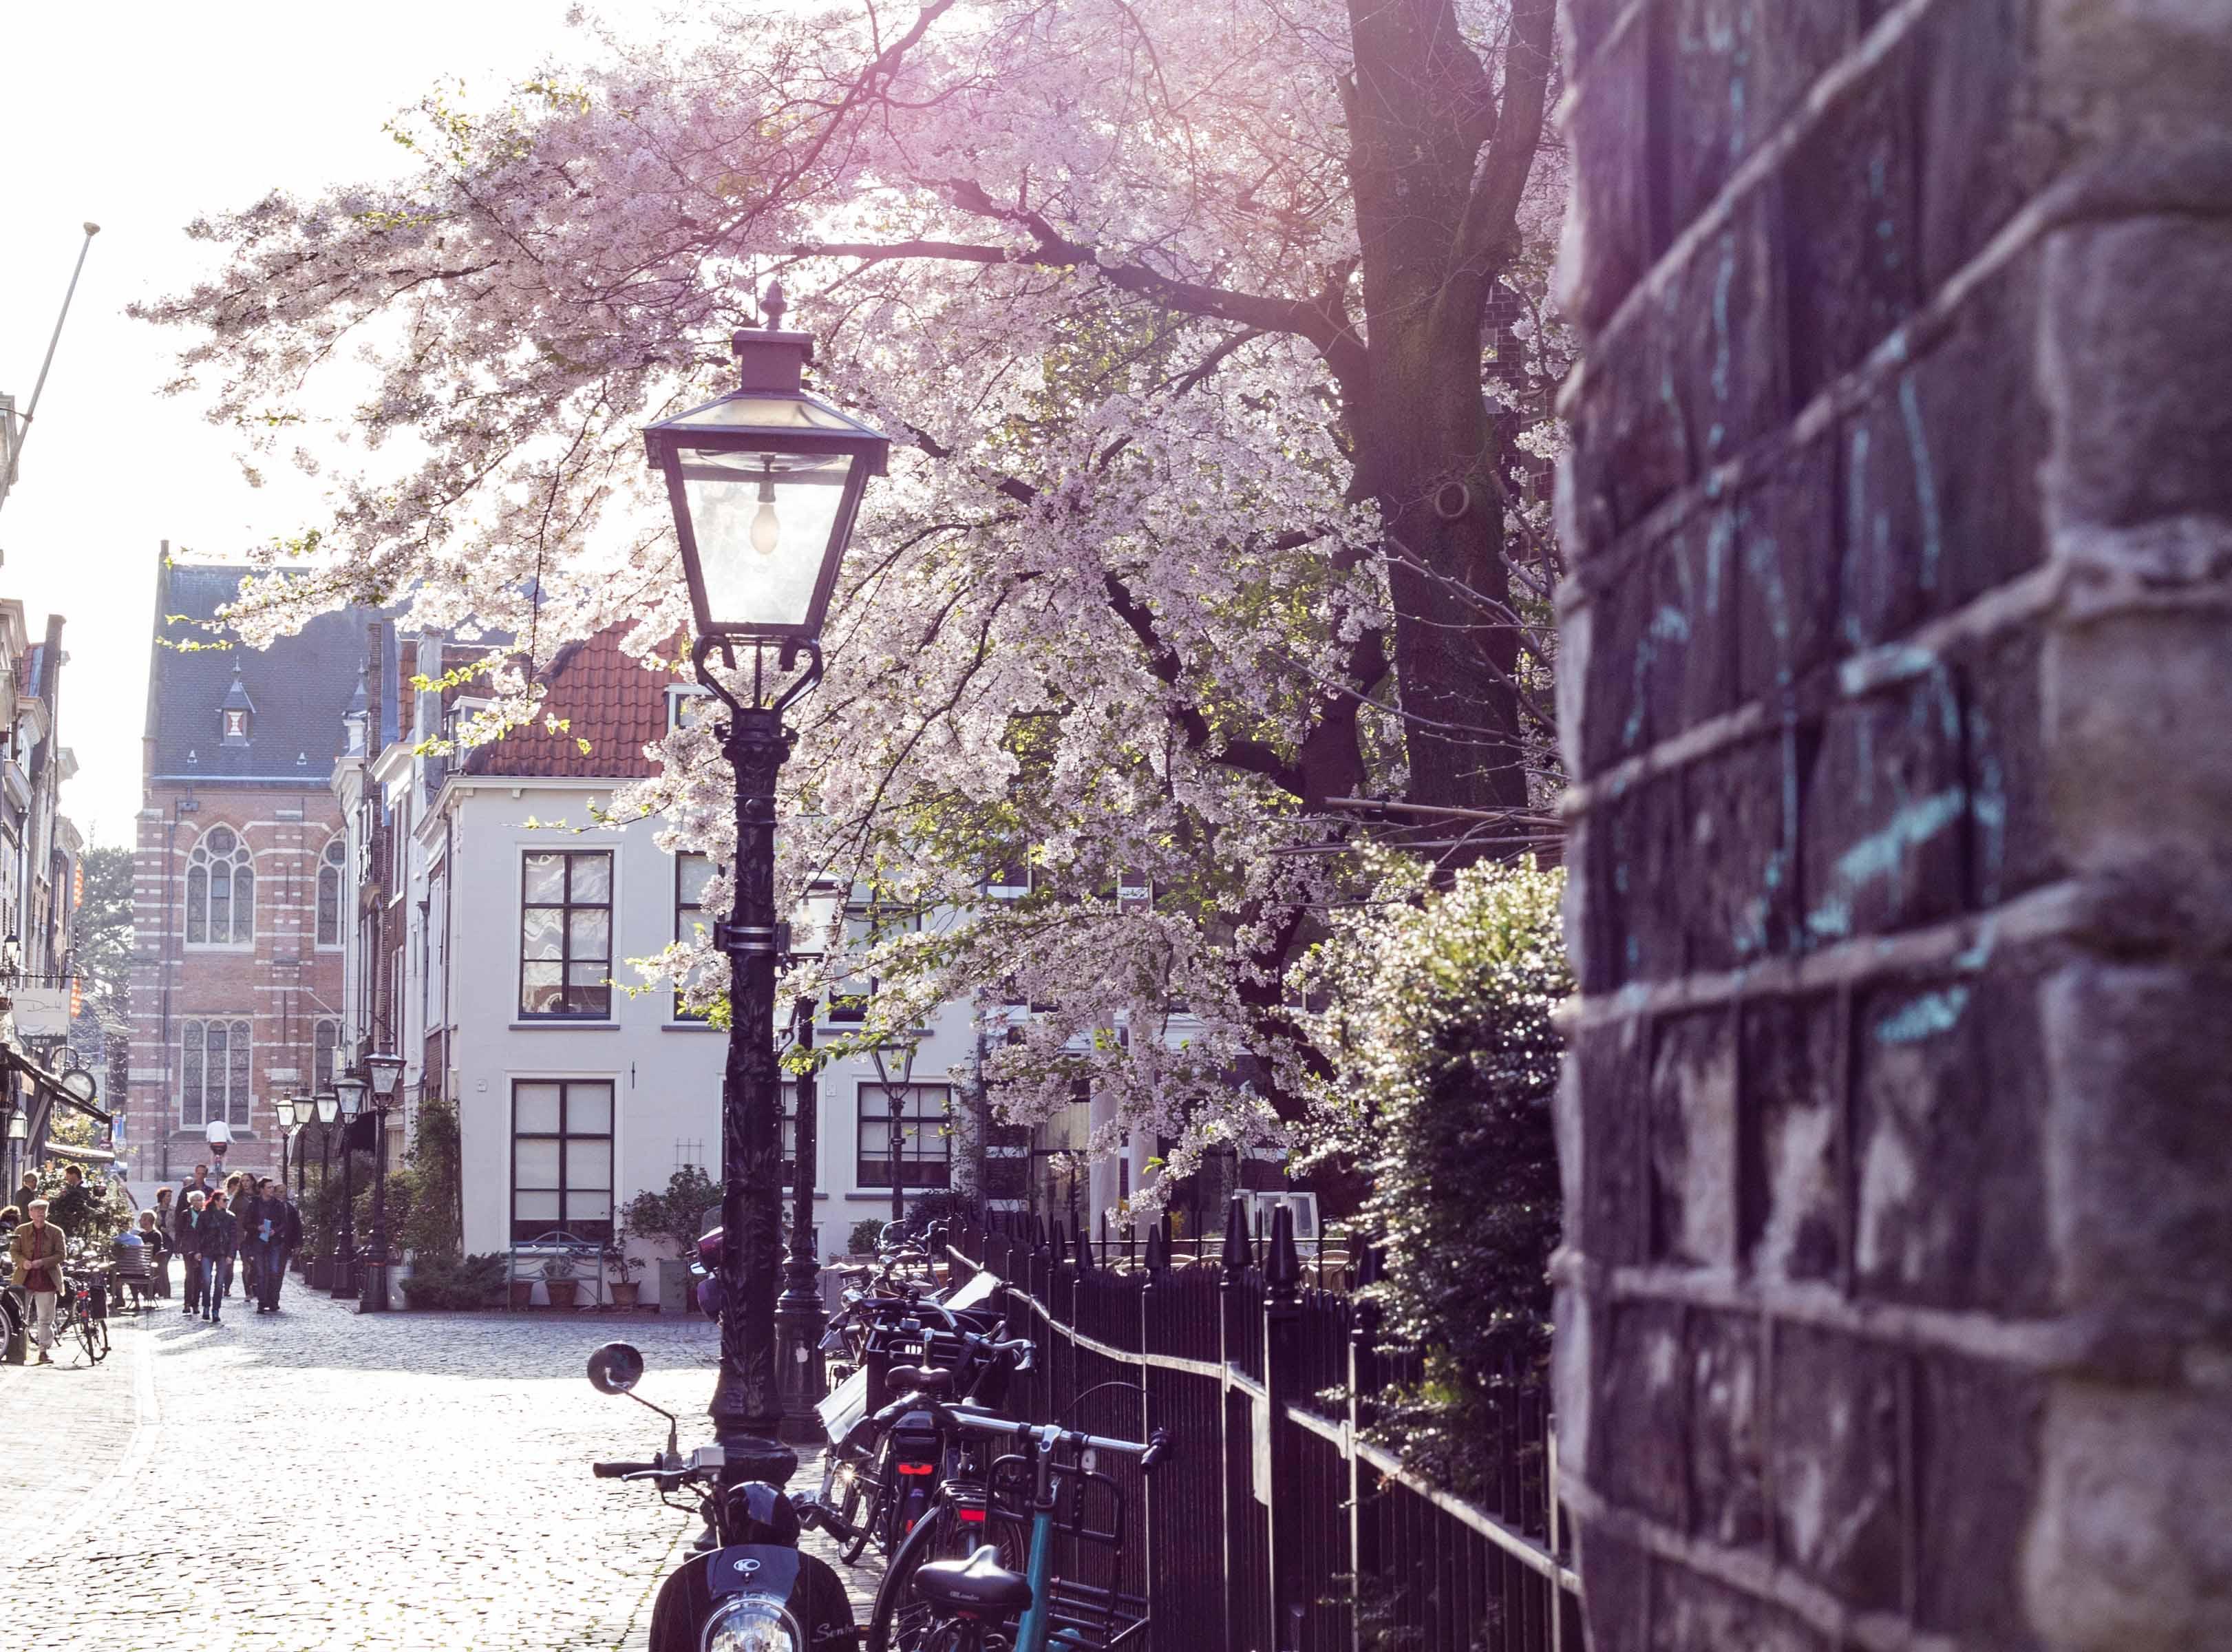 Zicht op de Woningmarkt - De landelijke woningmarktcijfers over het tweede kwartaal van 2018